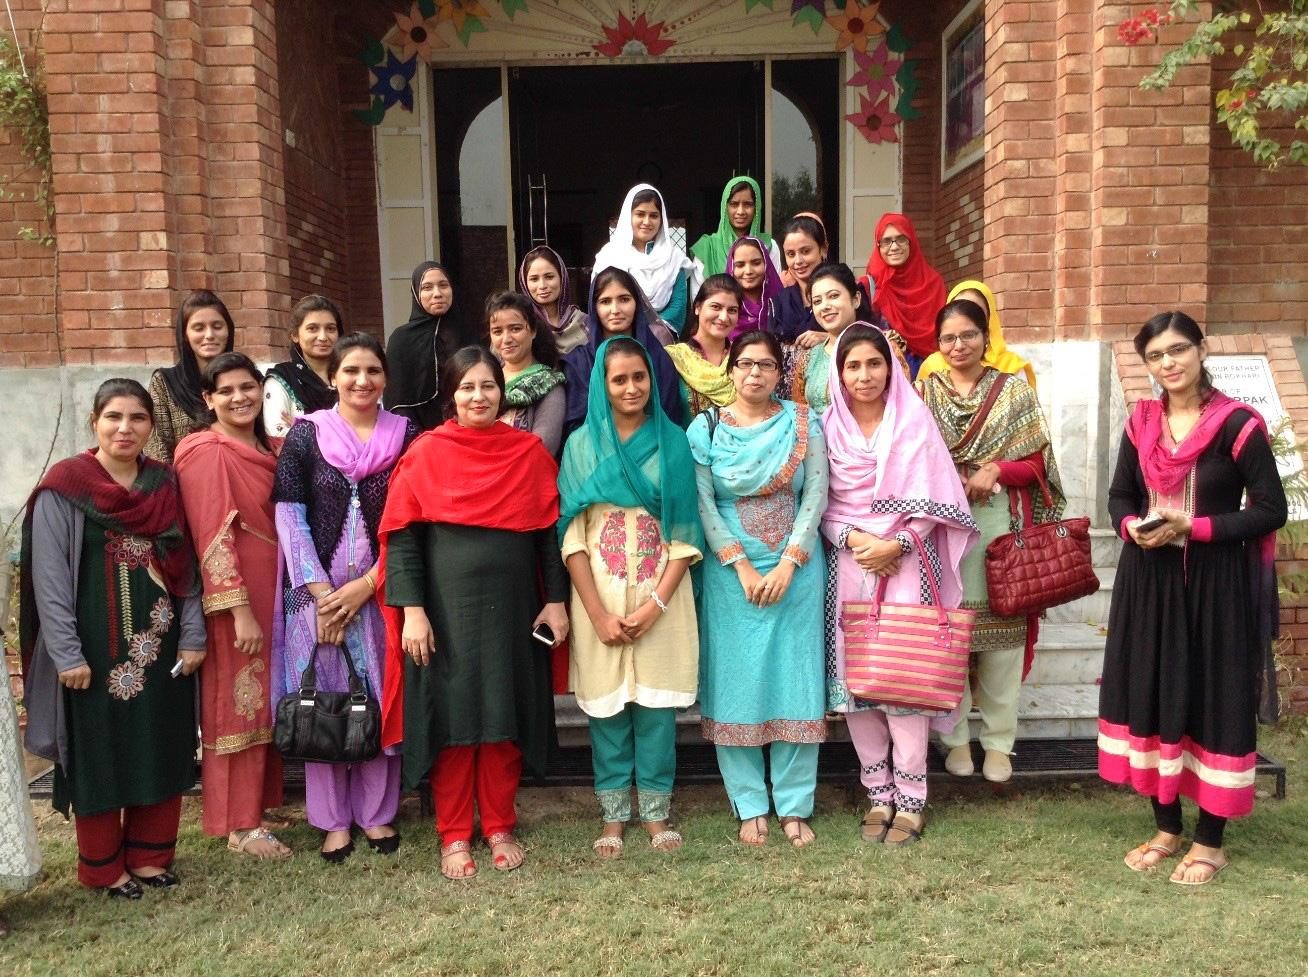 The teachers at the LAMS school in Faisalabad, Pakistan